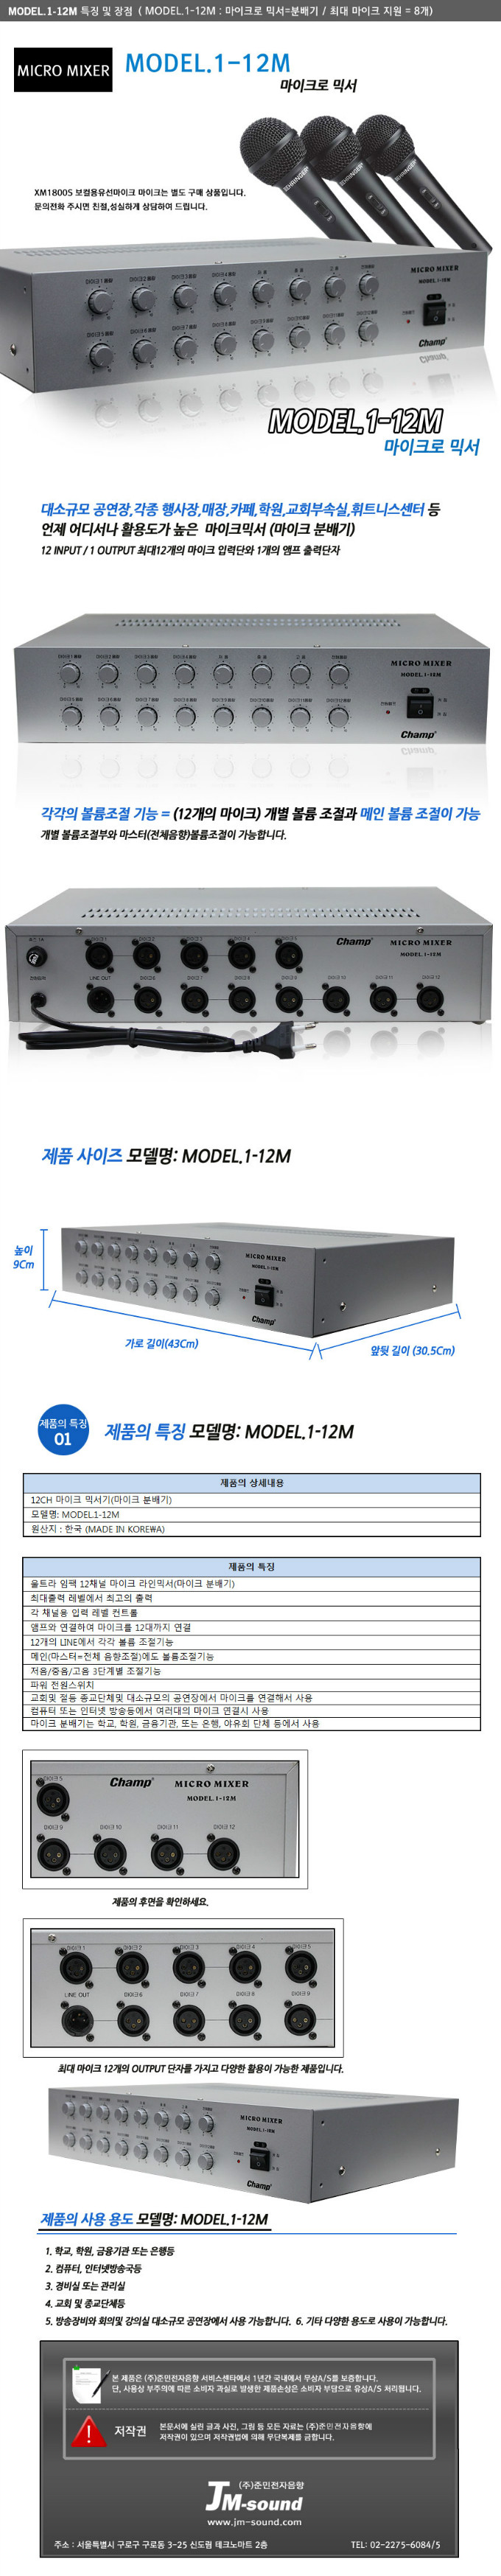 MODEL1-12M.jpg